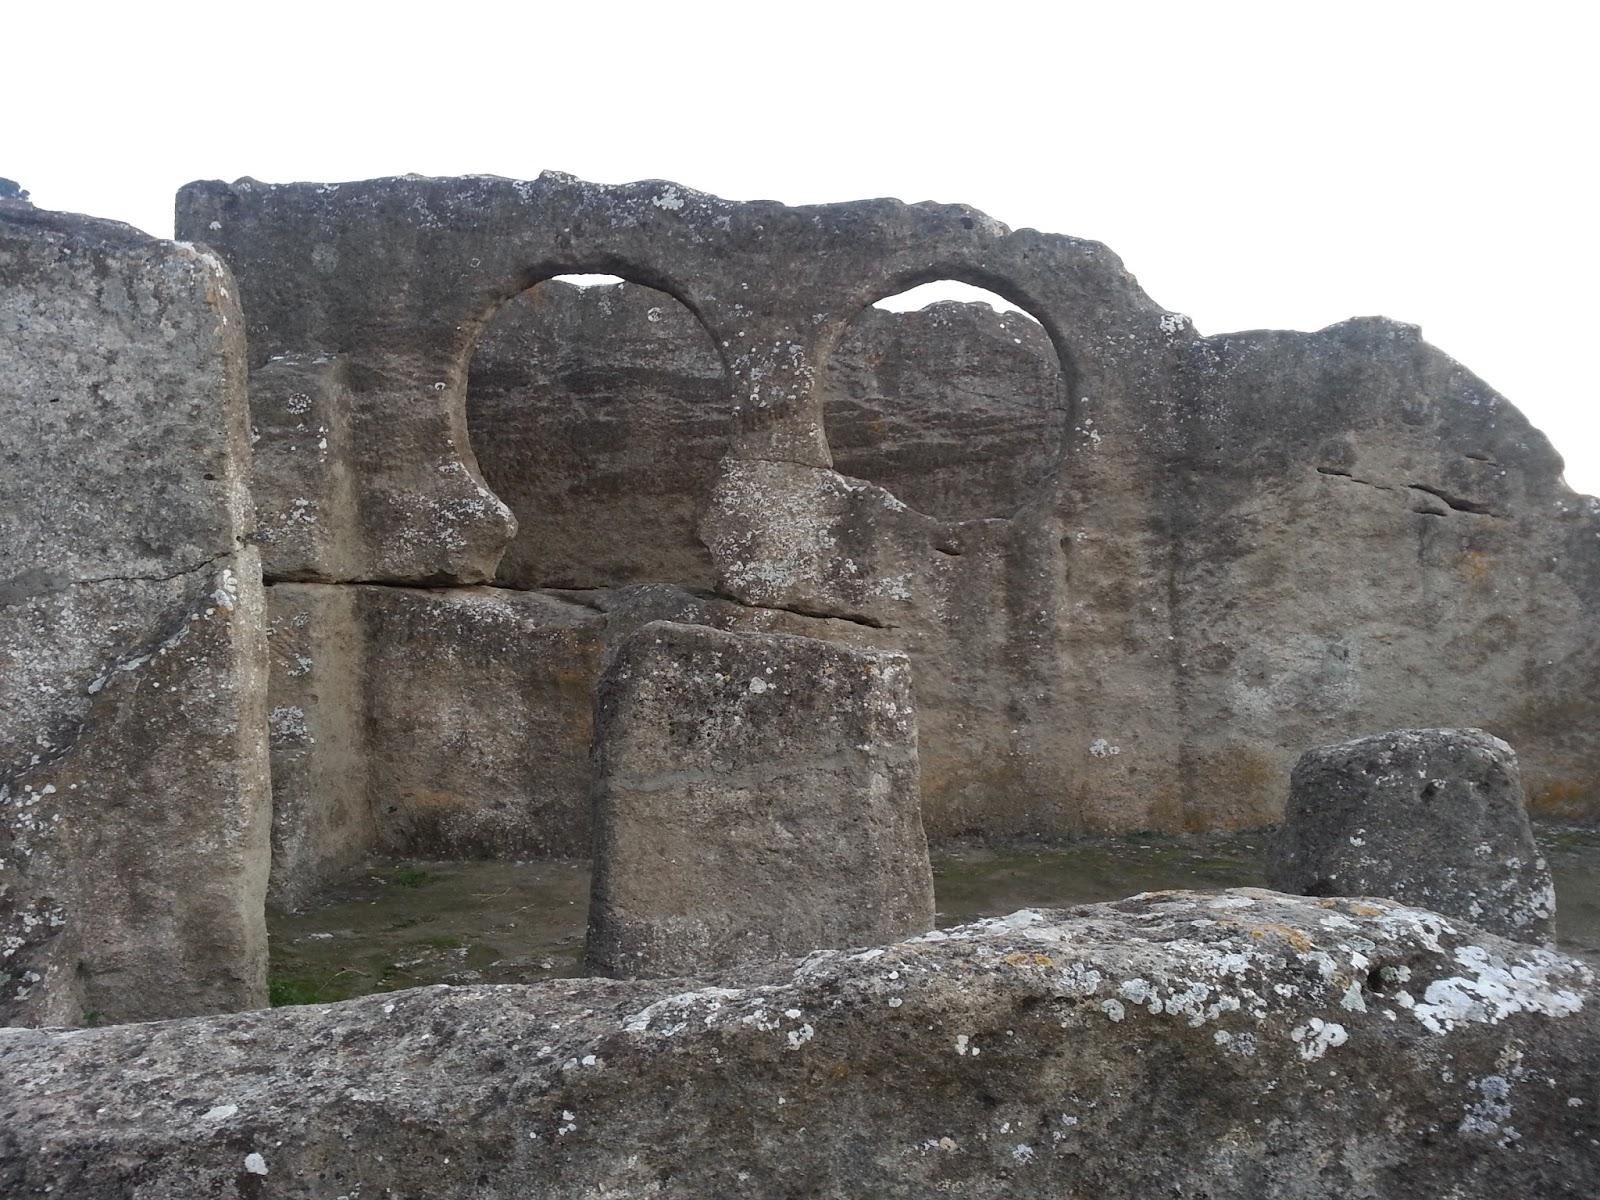 Les ruines de Bobastro - Caminito del Rey Málaga